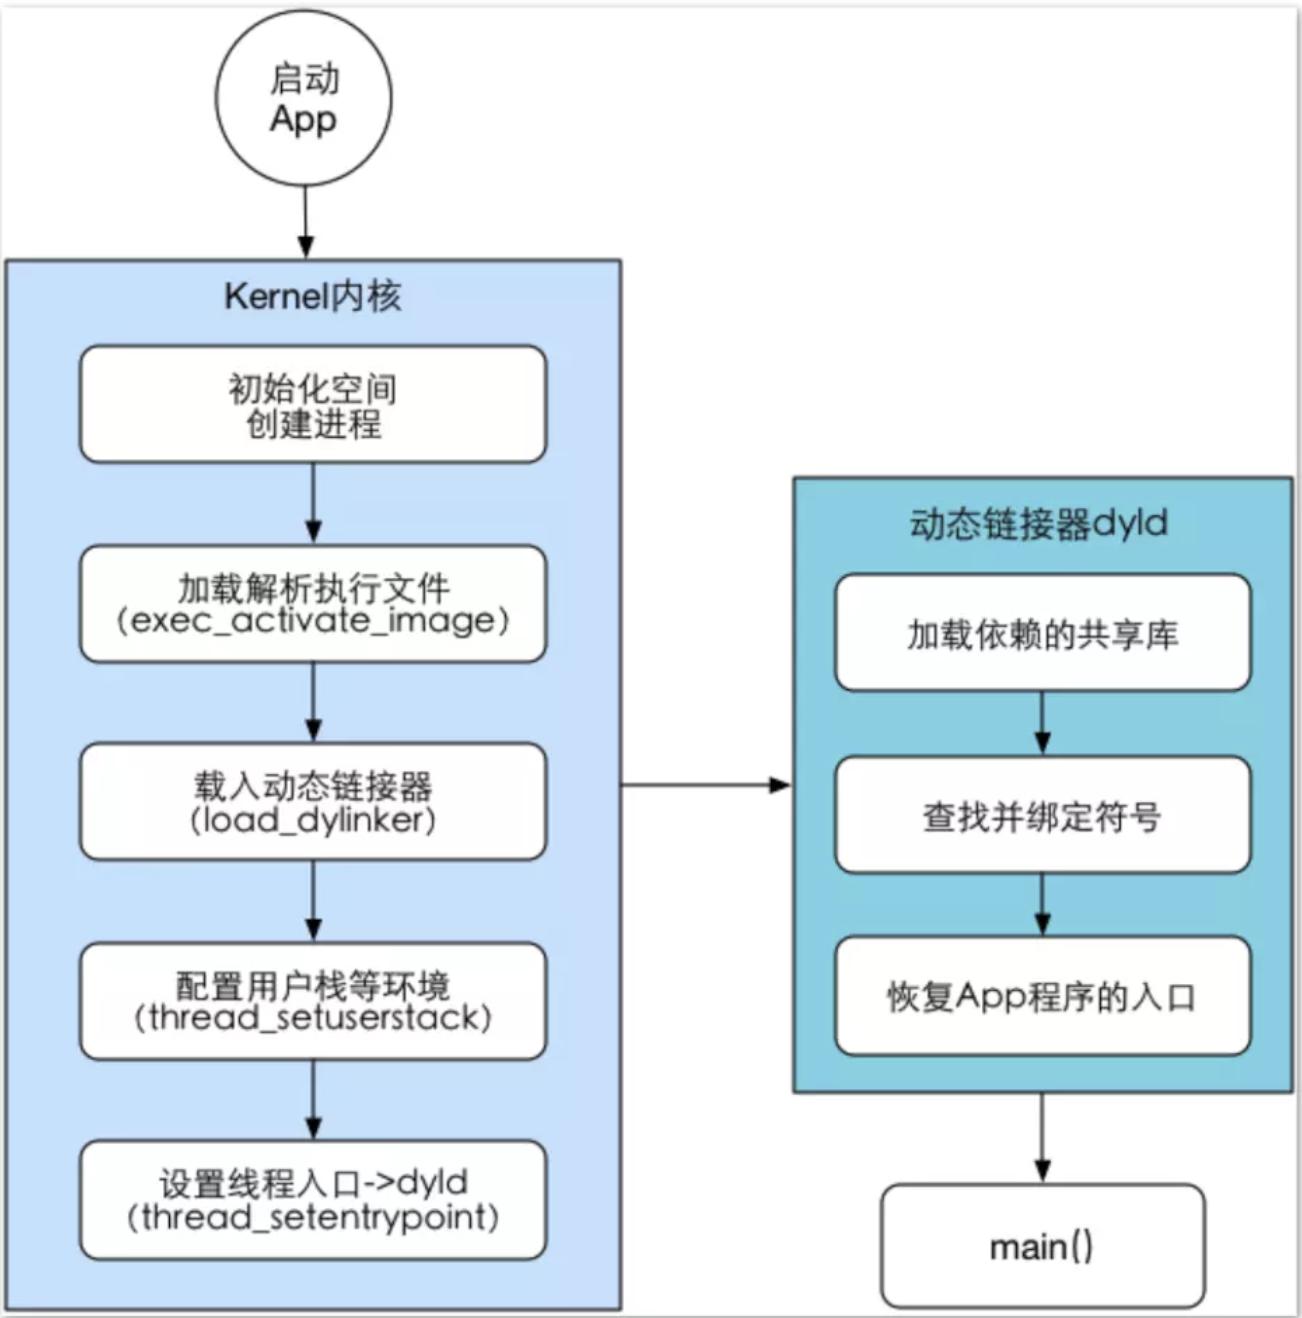 iOS-boot-process-34ffb37c-9d67-4d21-8c14-8647dddd33e4-1552579076278-53022086